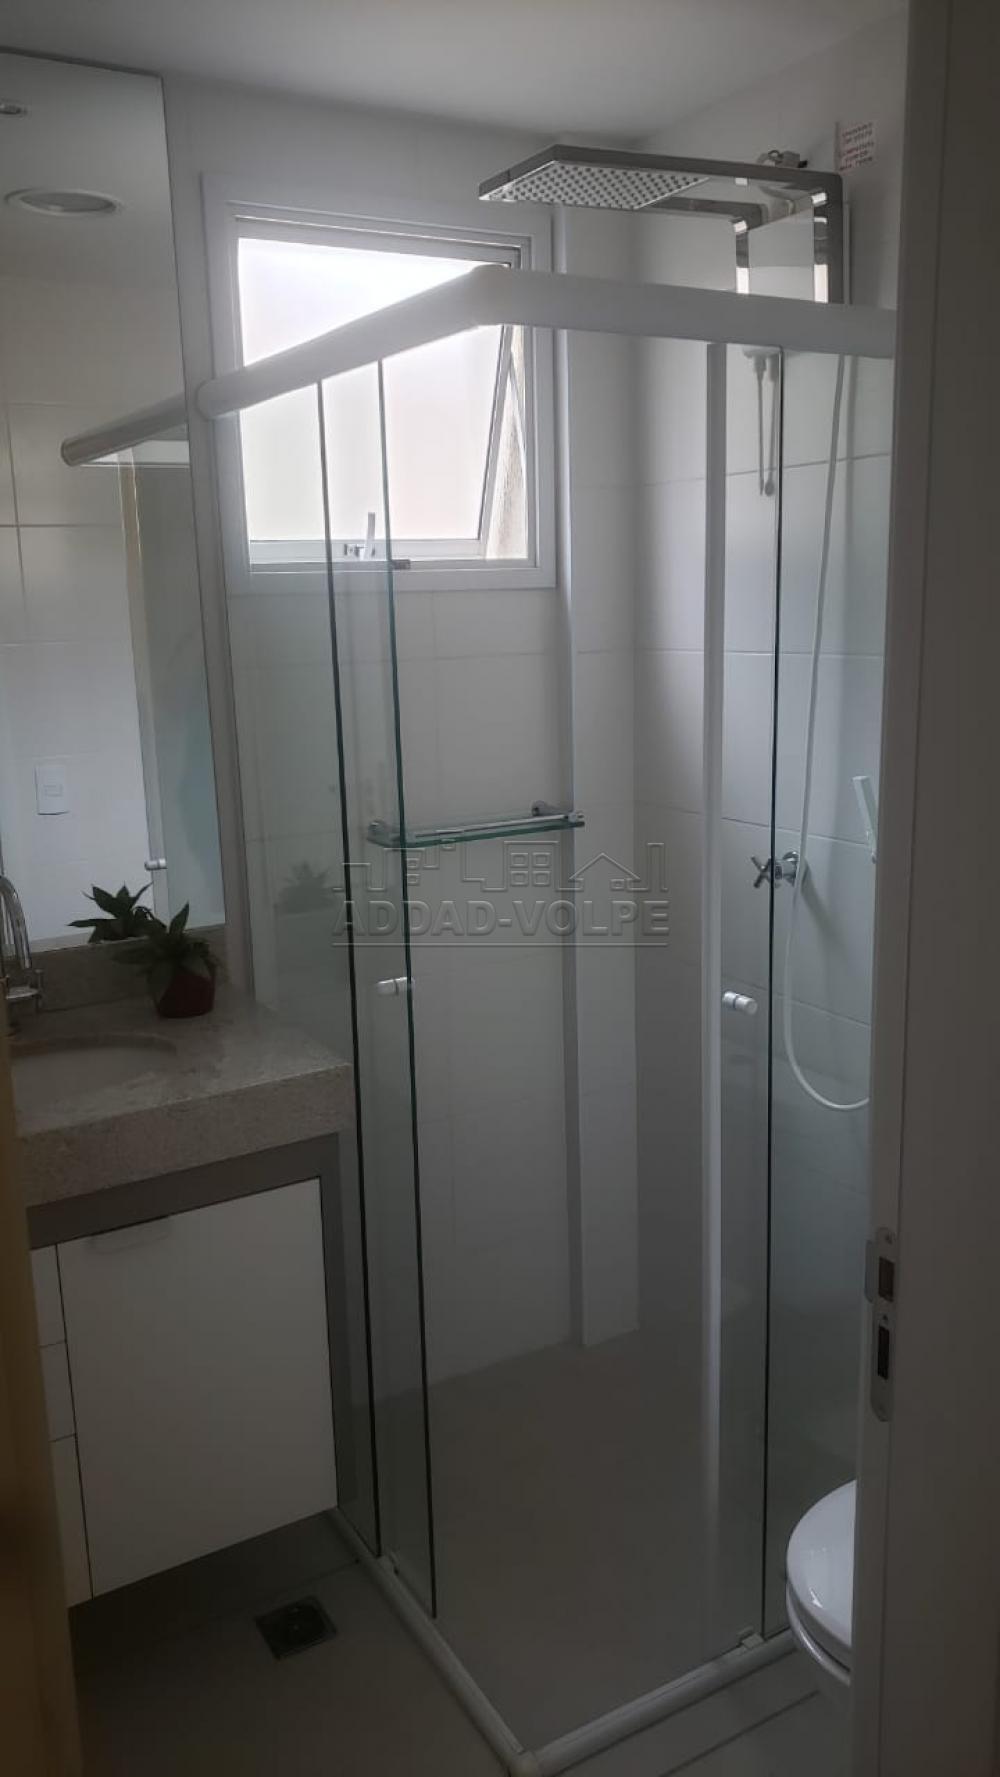 Comprar Apartamento / Padrão em Bauru R$ 480.000,00 - Foto 4